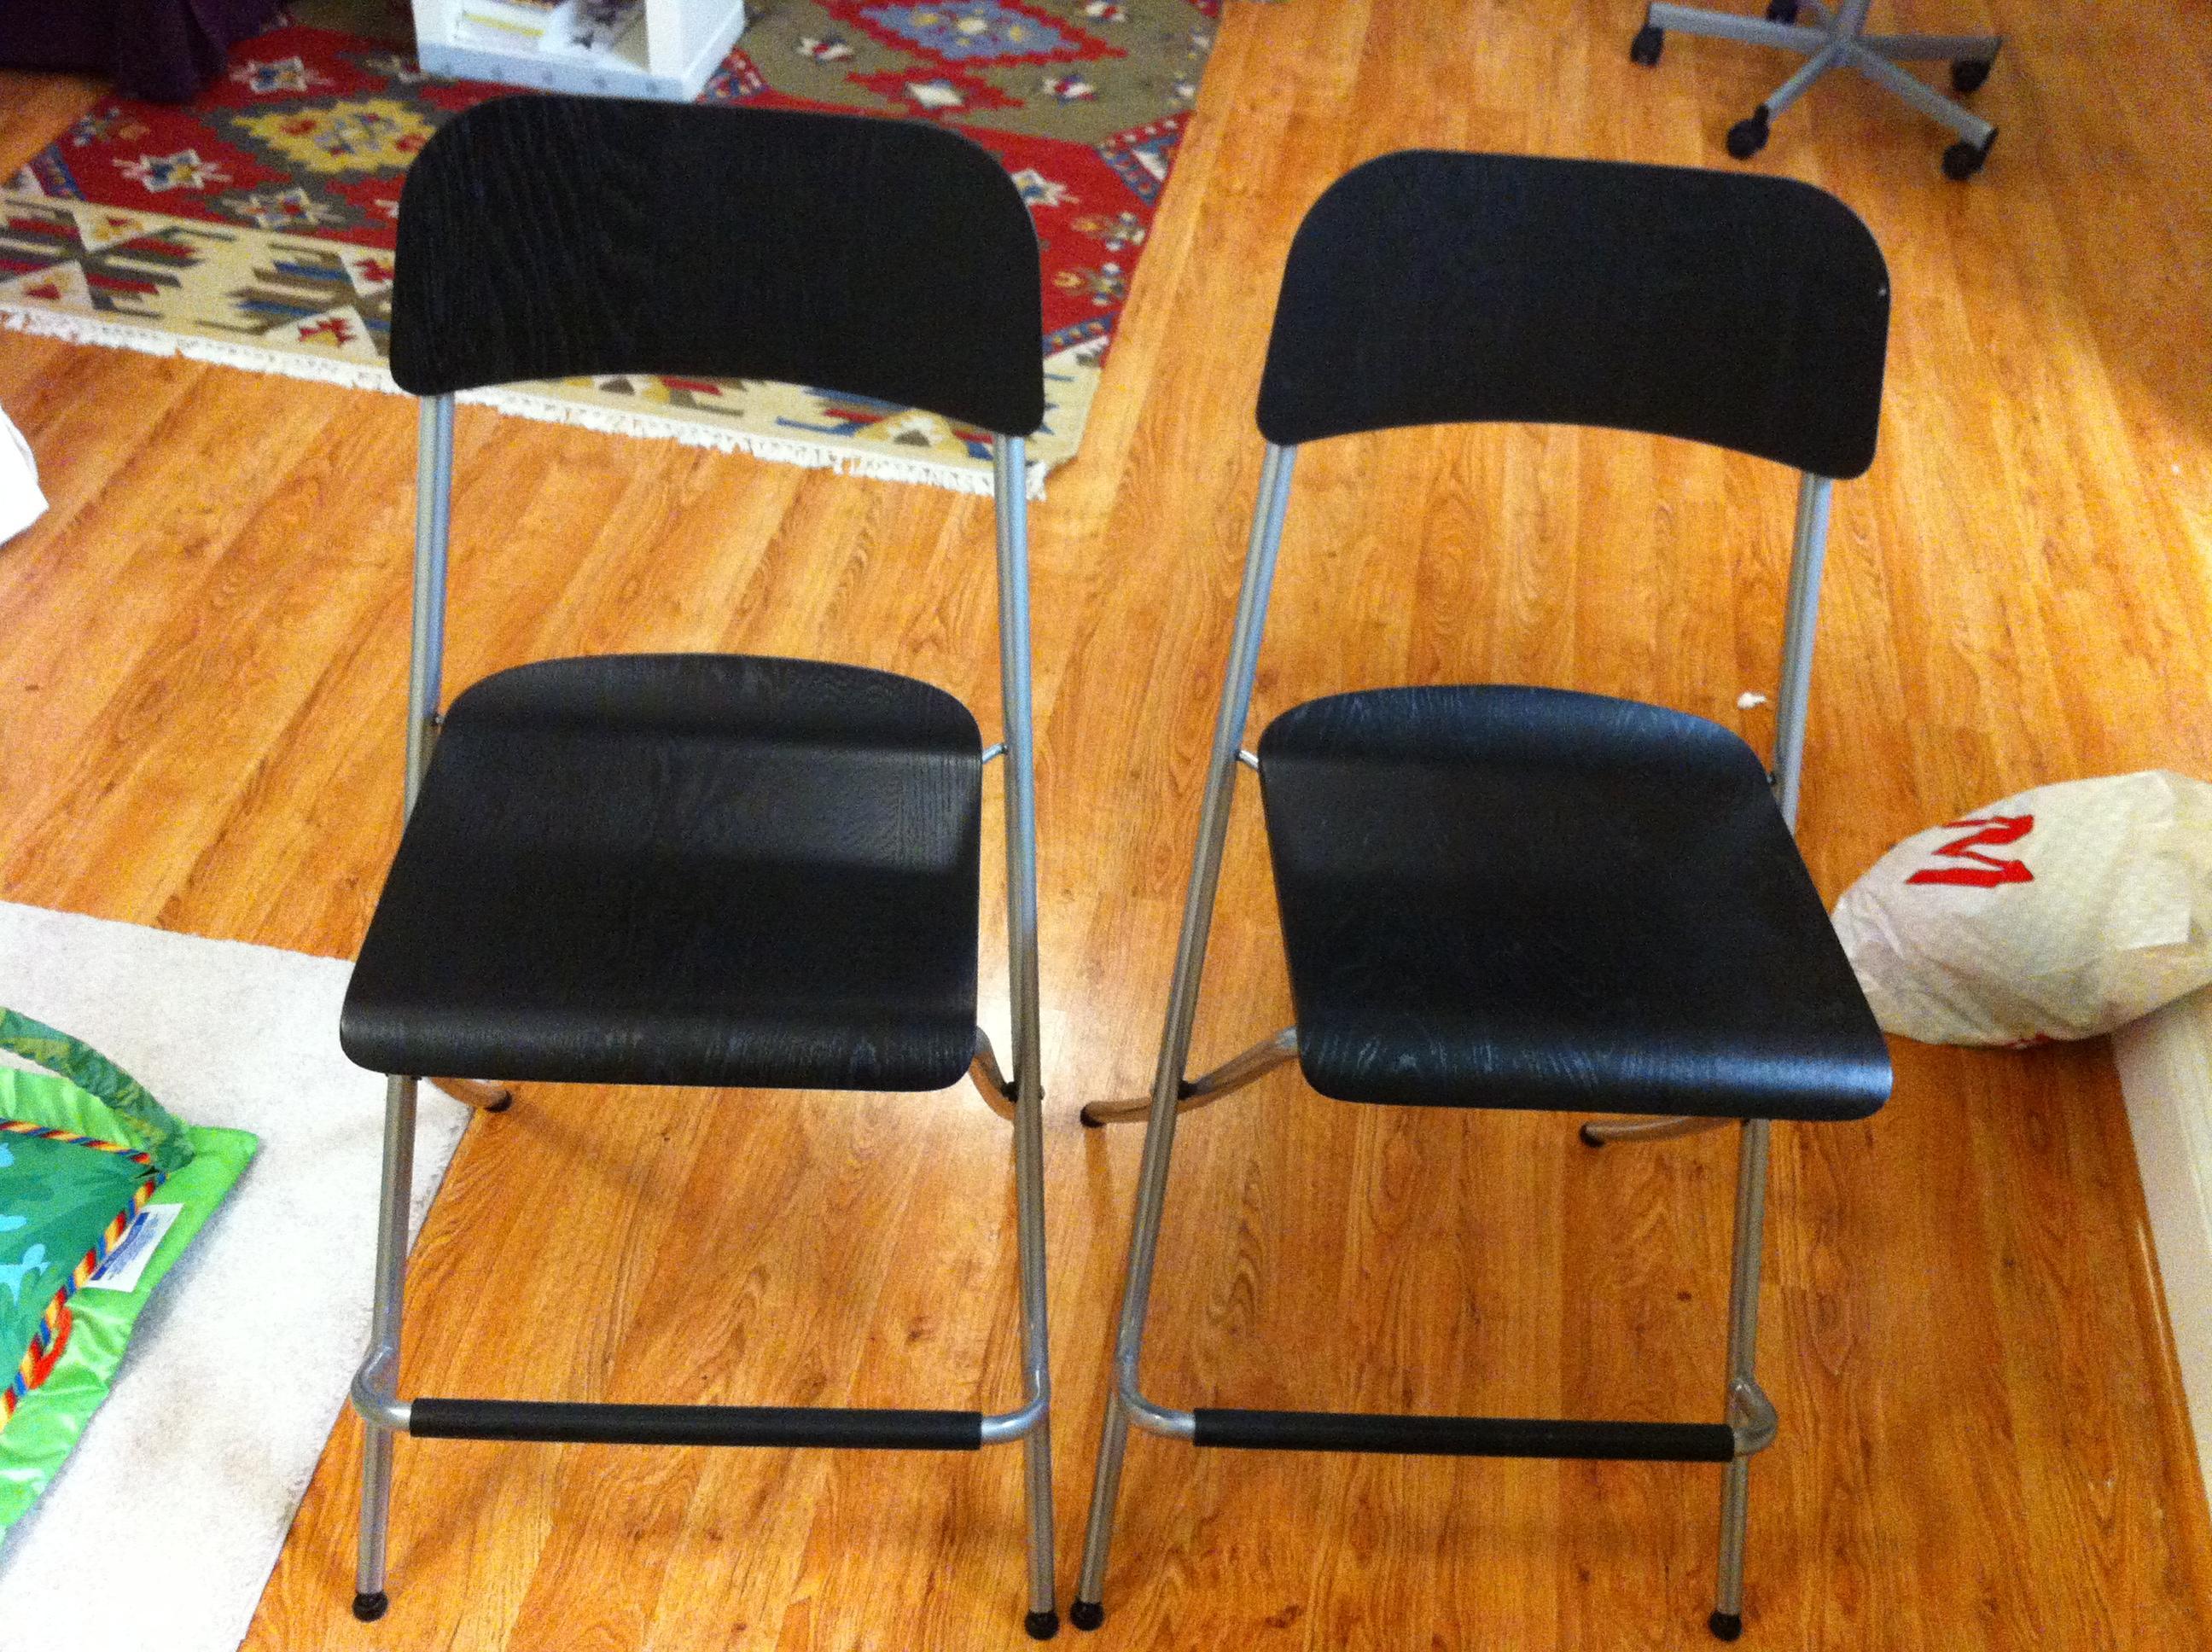 ���� ��� ������ ���� ����  ��������:FRANKLIN bar stool.JPG ���������:6 ��������:840.6 �������� �����:26847